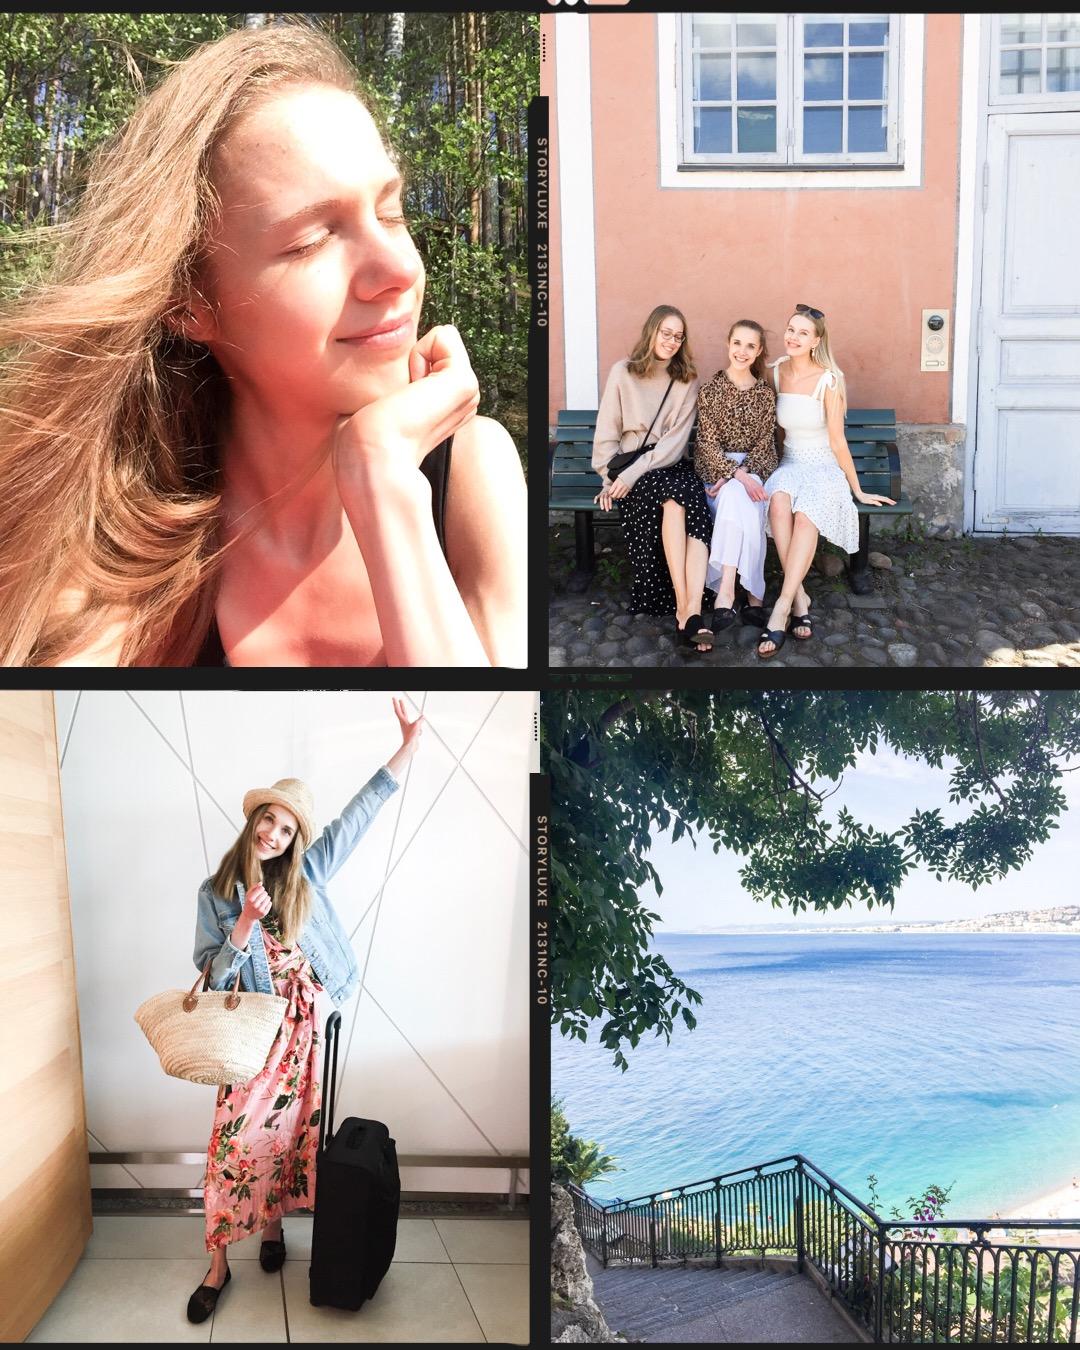 summer-snapshots-cottage-Porvoo-Finland-Nice-France-kesäkuvia-kesämökki-Nizza-Ranska